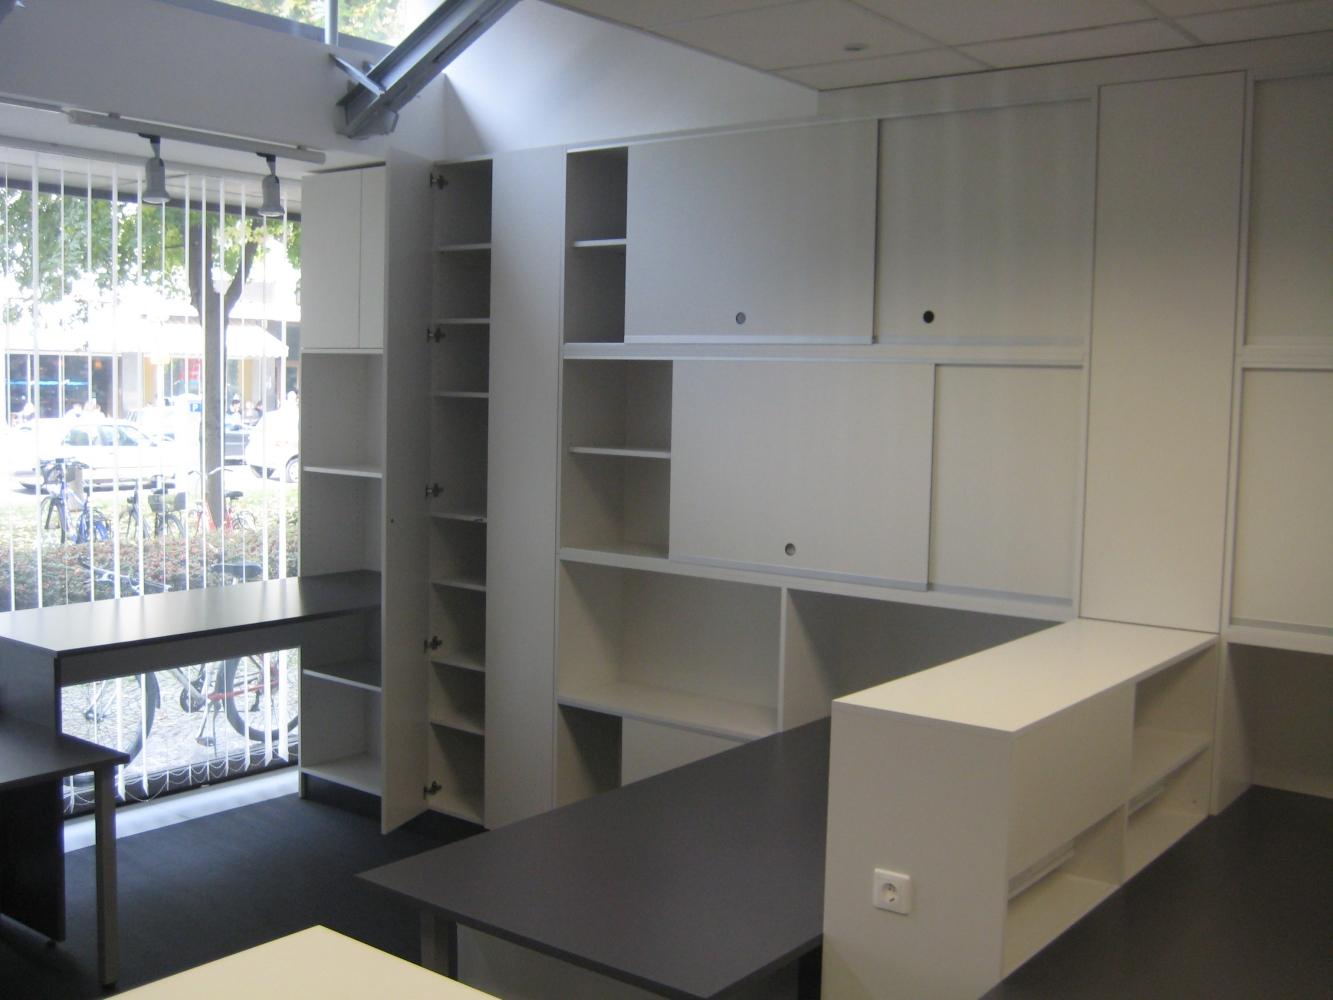 pisarniško pohištvo po meri (07)